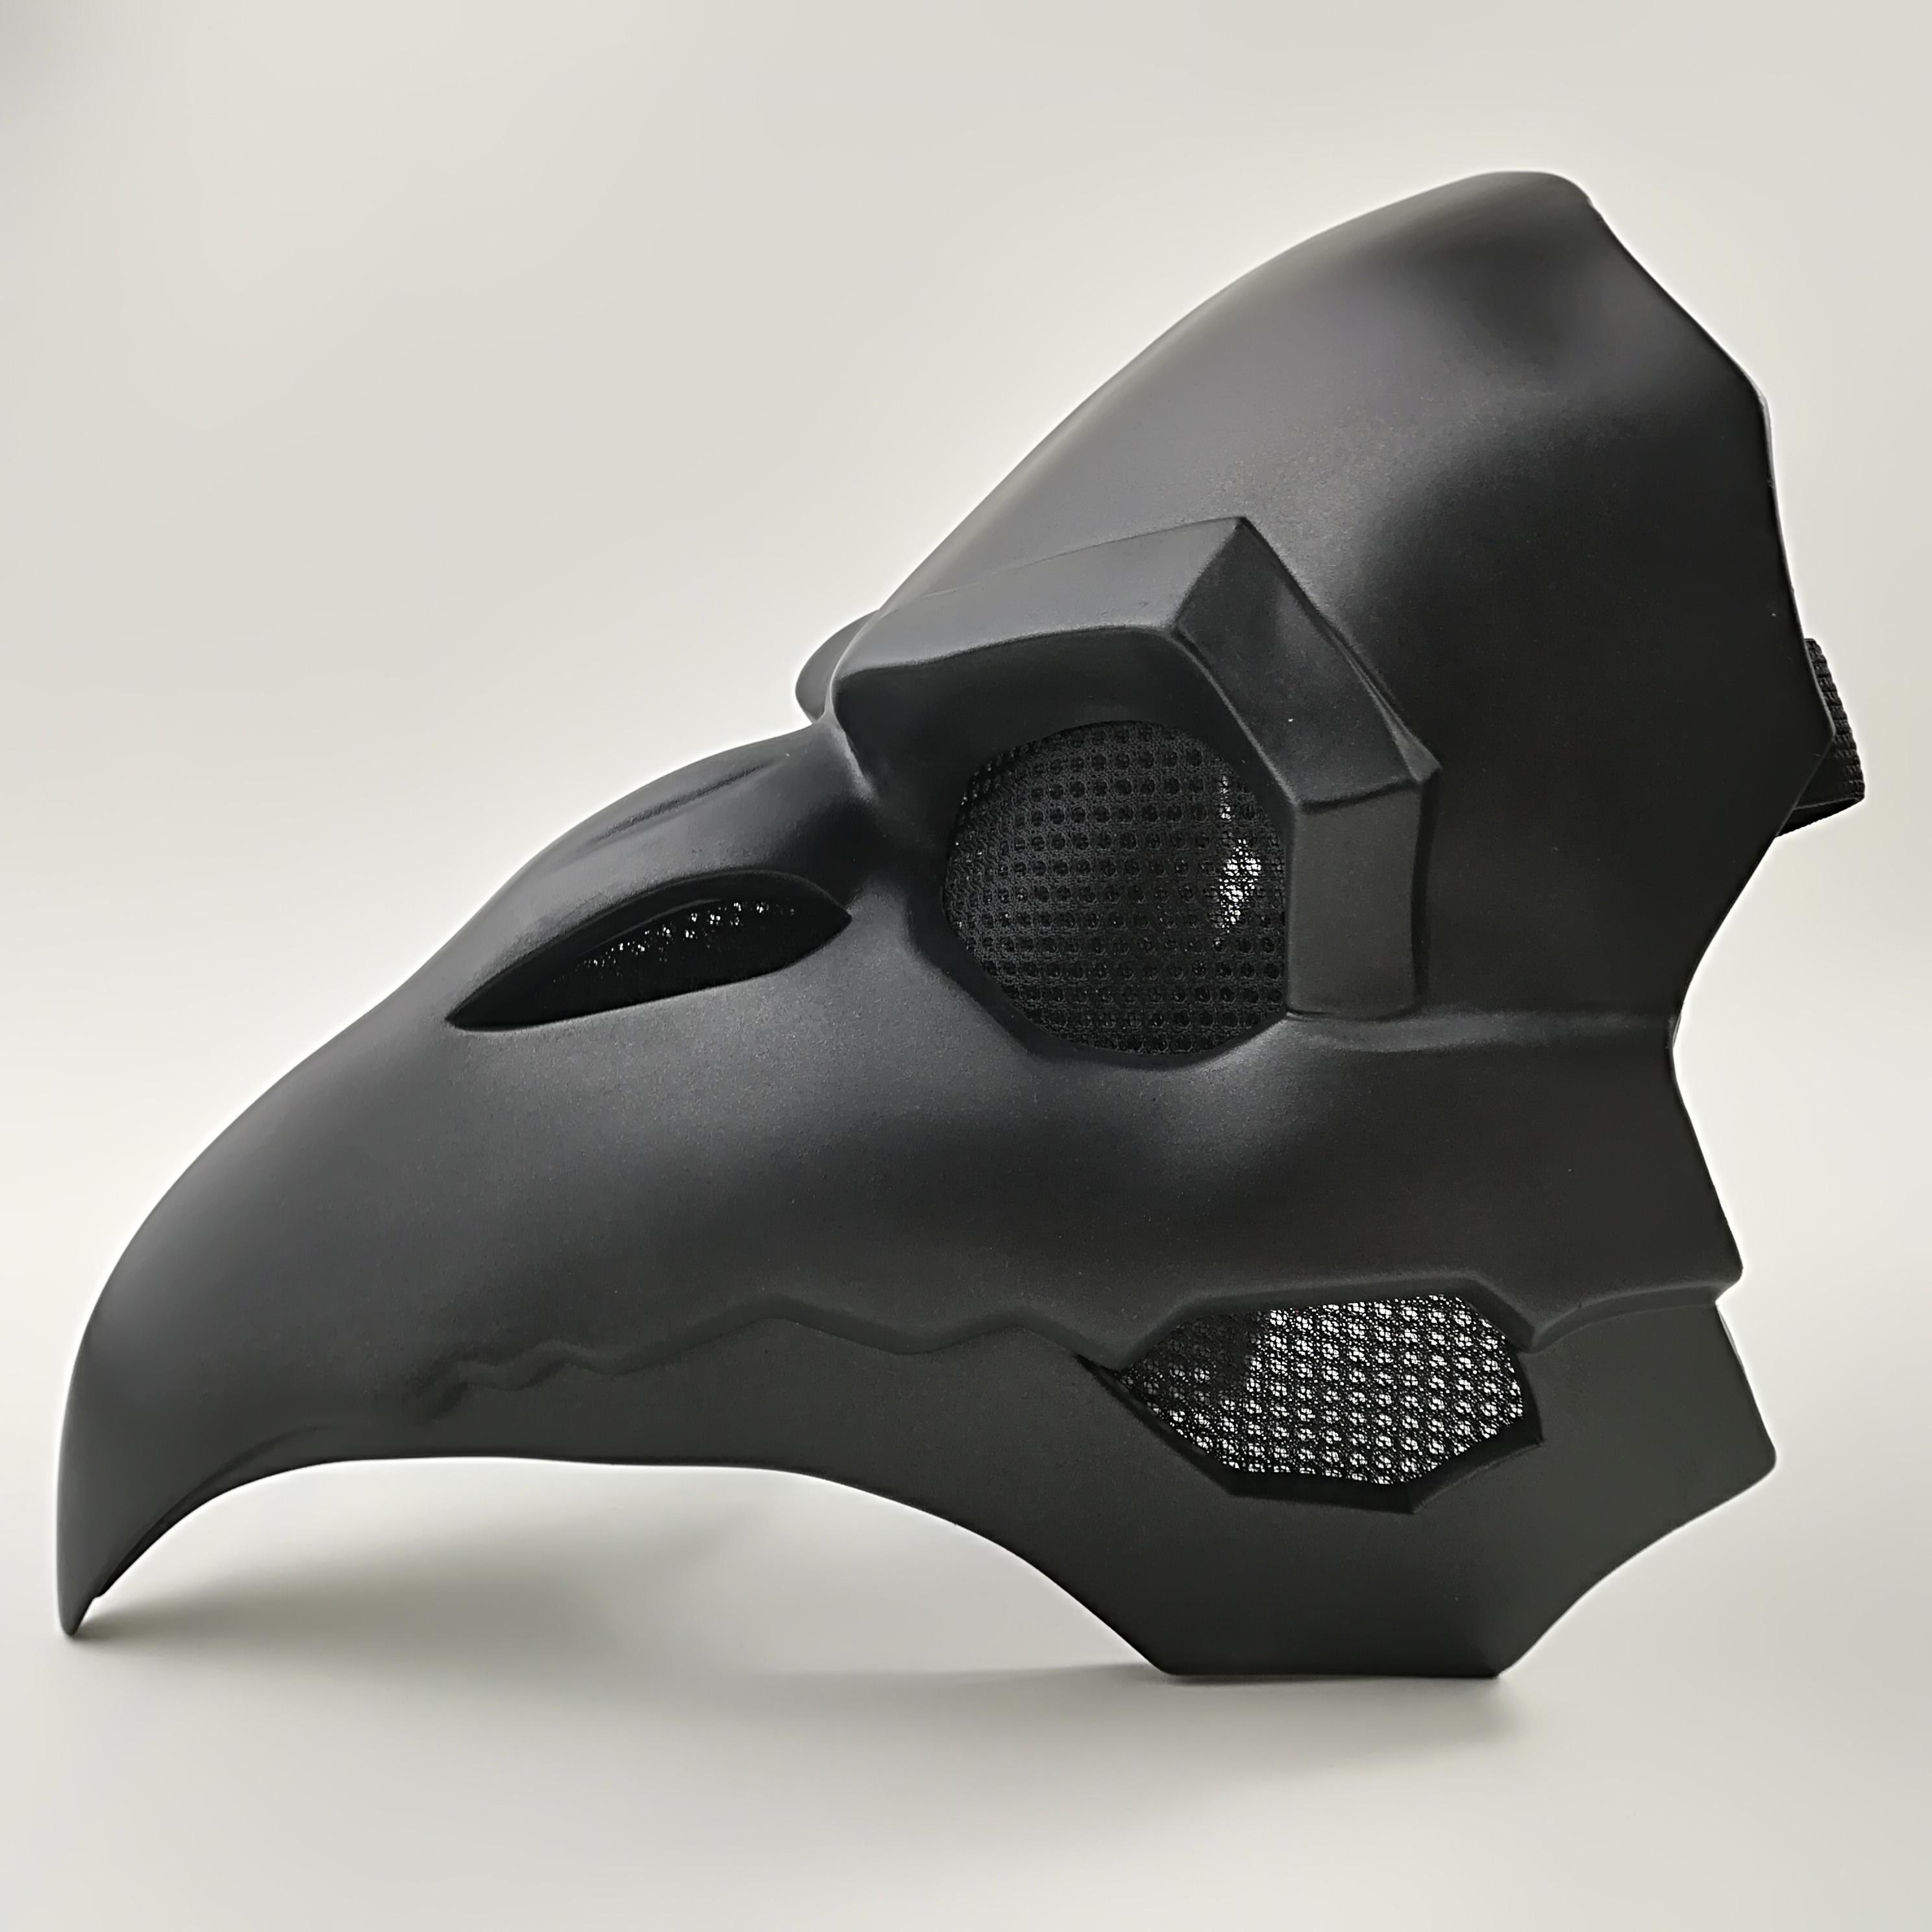 Corvo reaper nevermore pele preto máscaras reaper praga médico máscara aves longo nariz punk corvo retro rock legal ow tipo pvc máscara punk